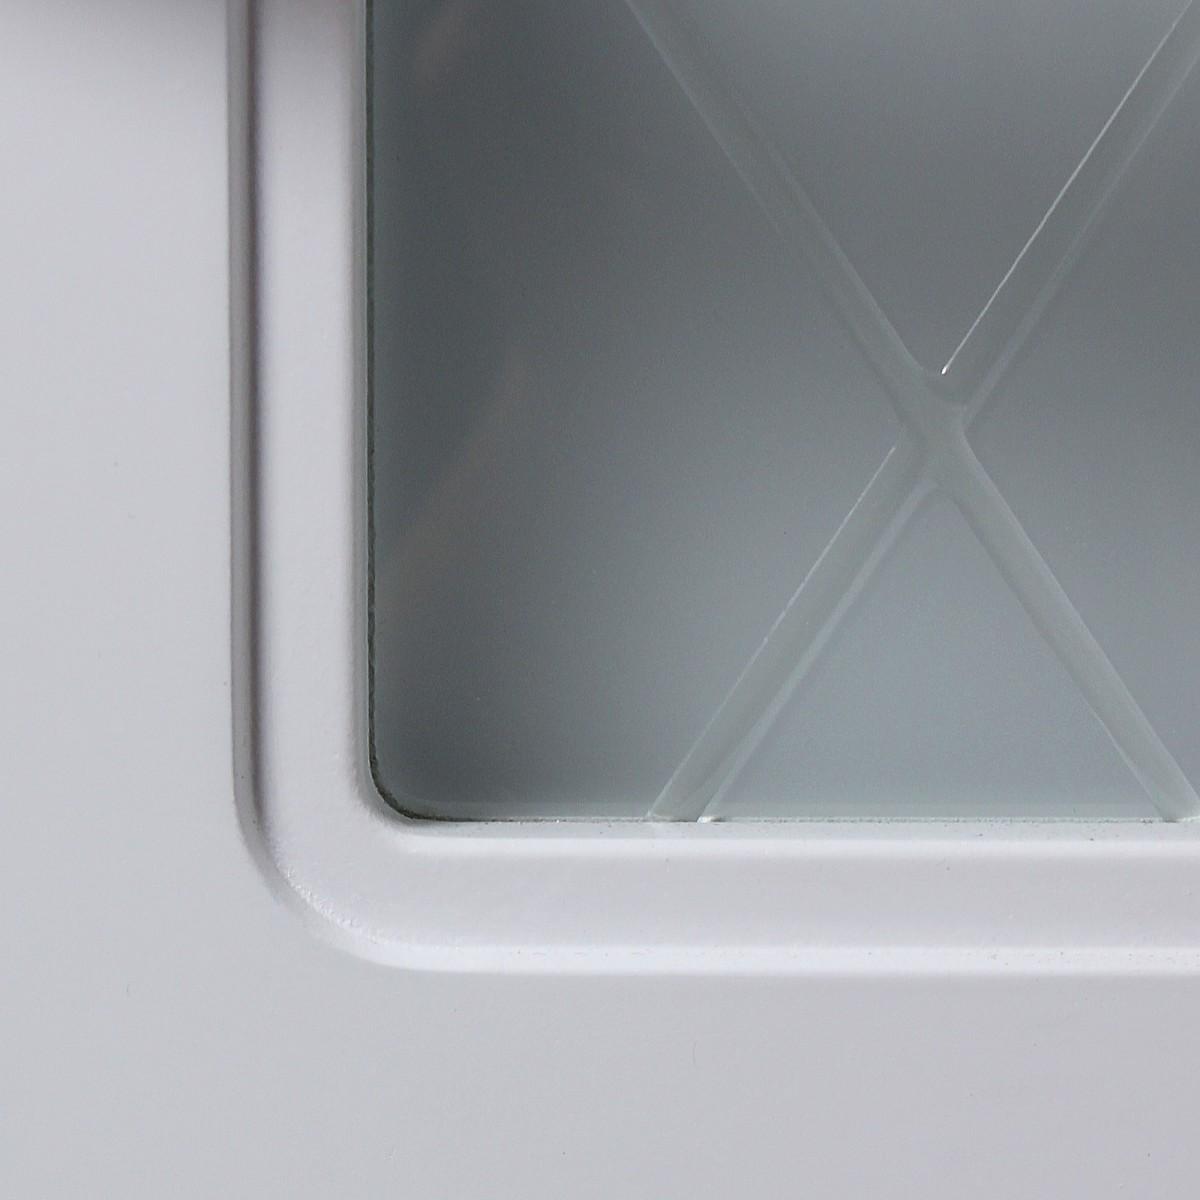 Дверь Межкомнатная Остеклённая Роялти 60x200 Цвет Белый